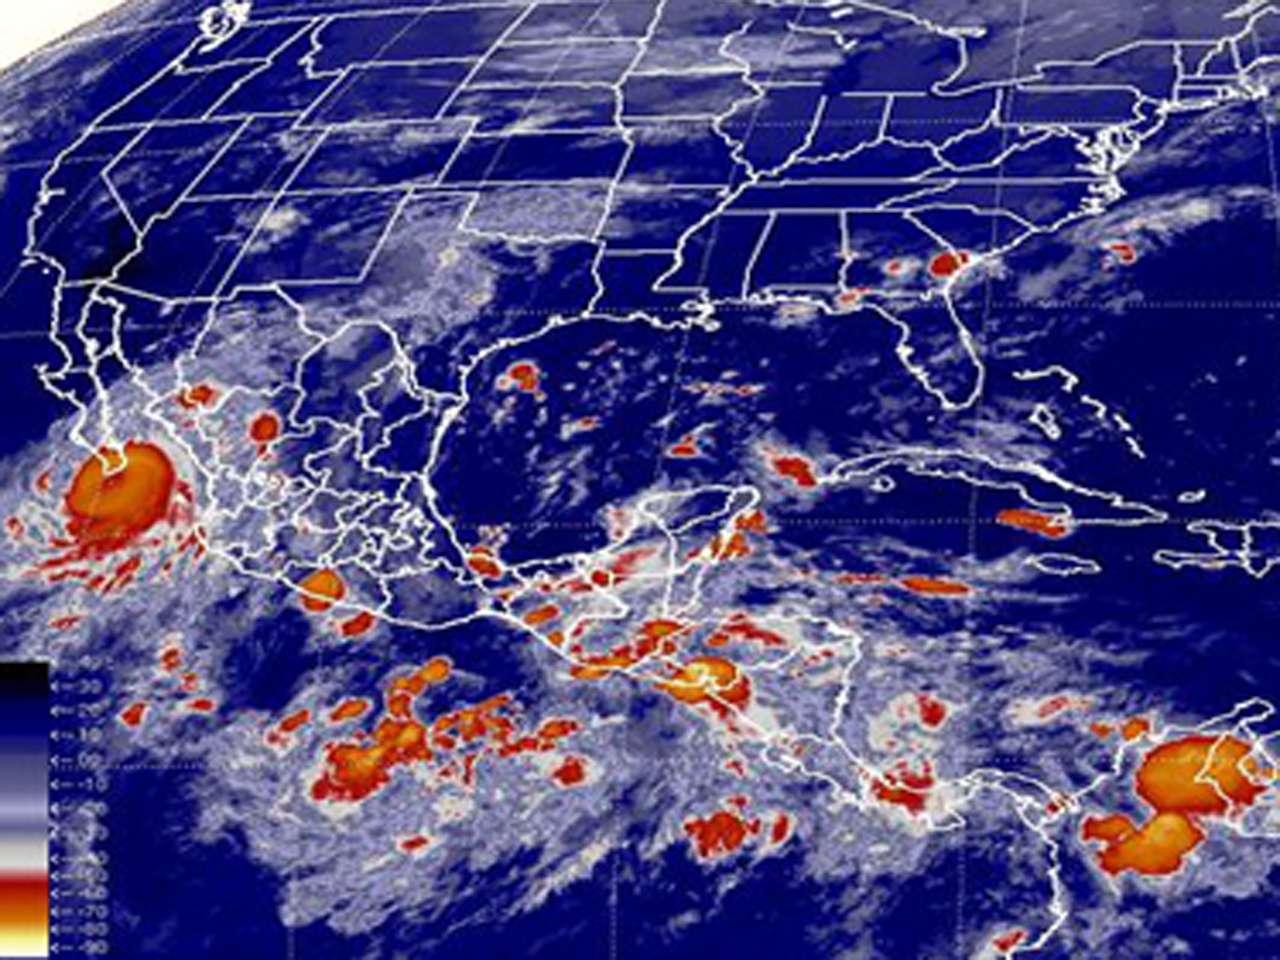 Continúa el pronóstico de lluvias torrenciales (de 150 a 250 milímetros) en Baja California Sur, e intensas (de 75 a 150 milímetros) en Sinaloa, Nayarit, Jalisco y Colima Foto: Conagua